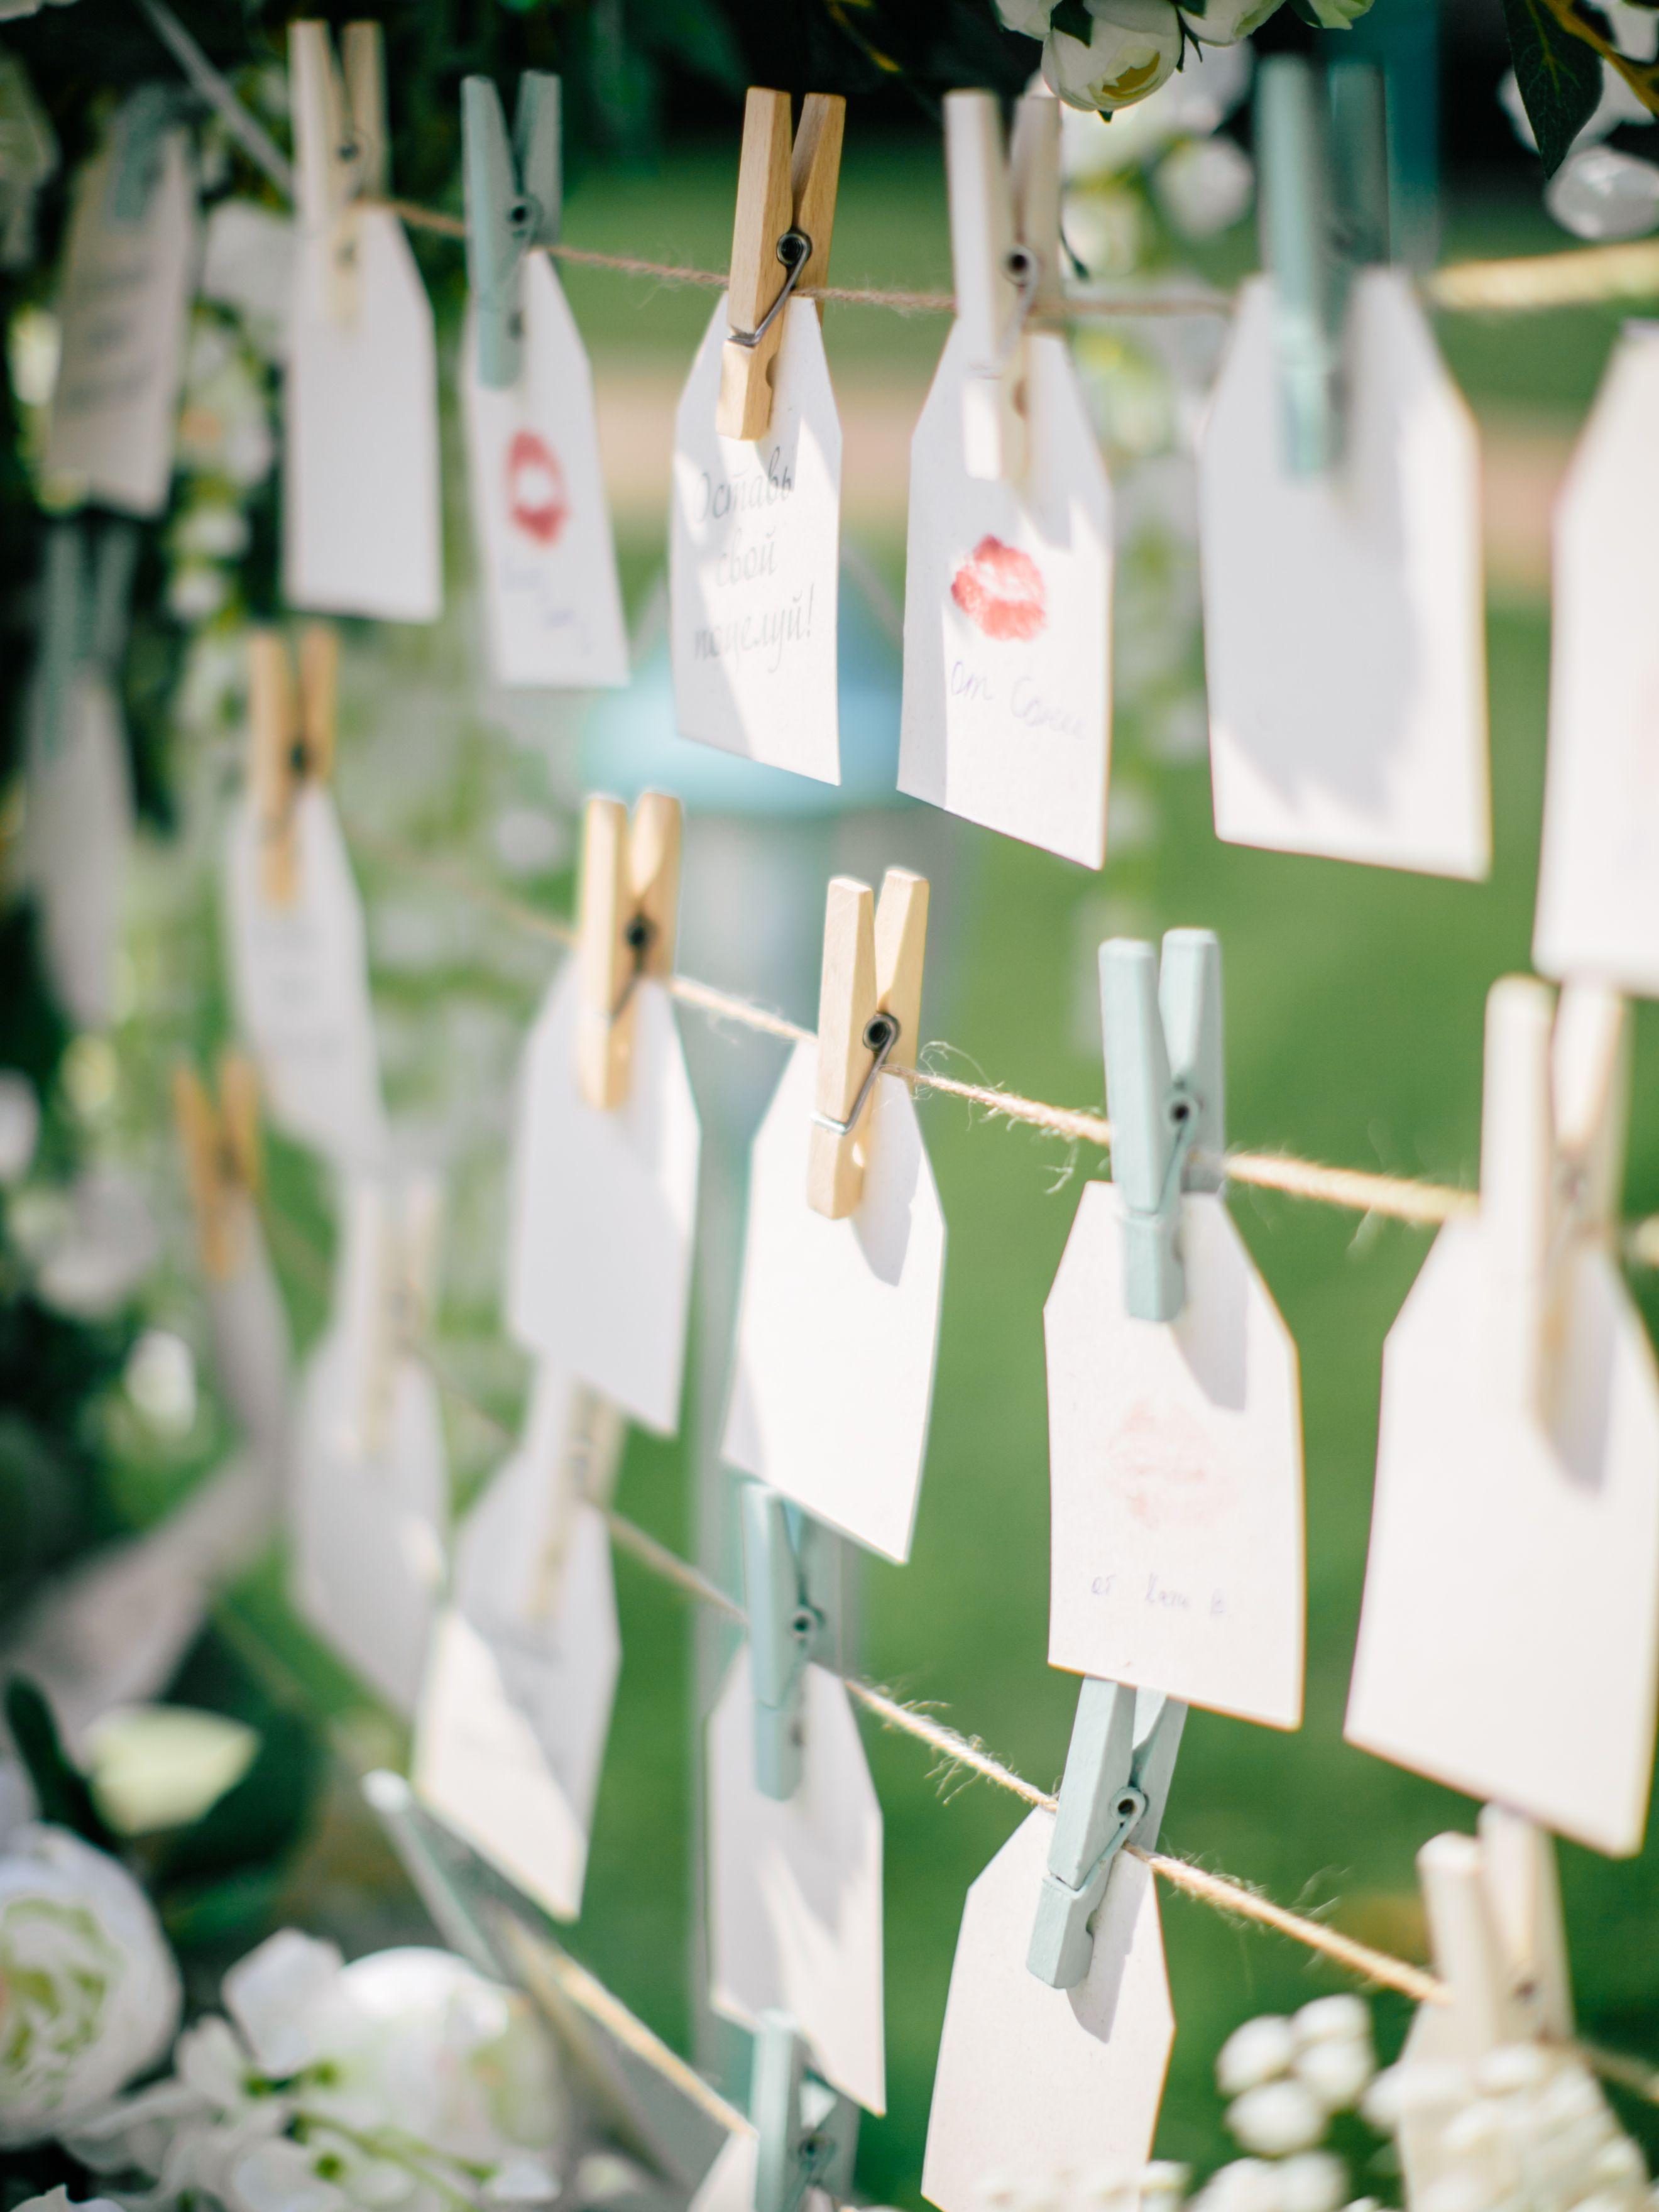 wedding, wedding decor, wedding detail, свадебные мелочи, оформление свадьбы, пожелания гостей, записки